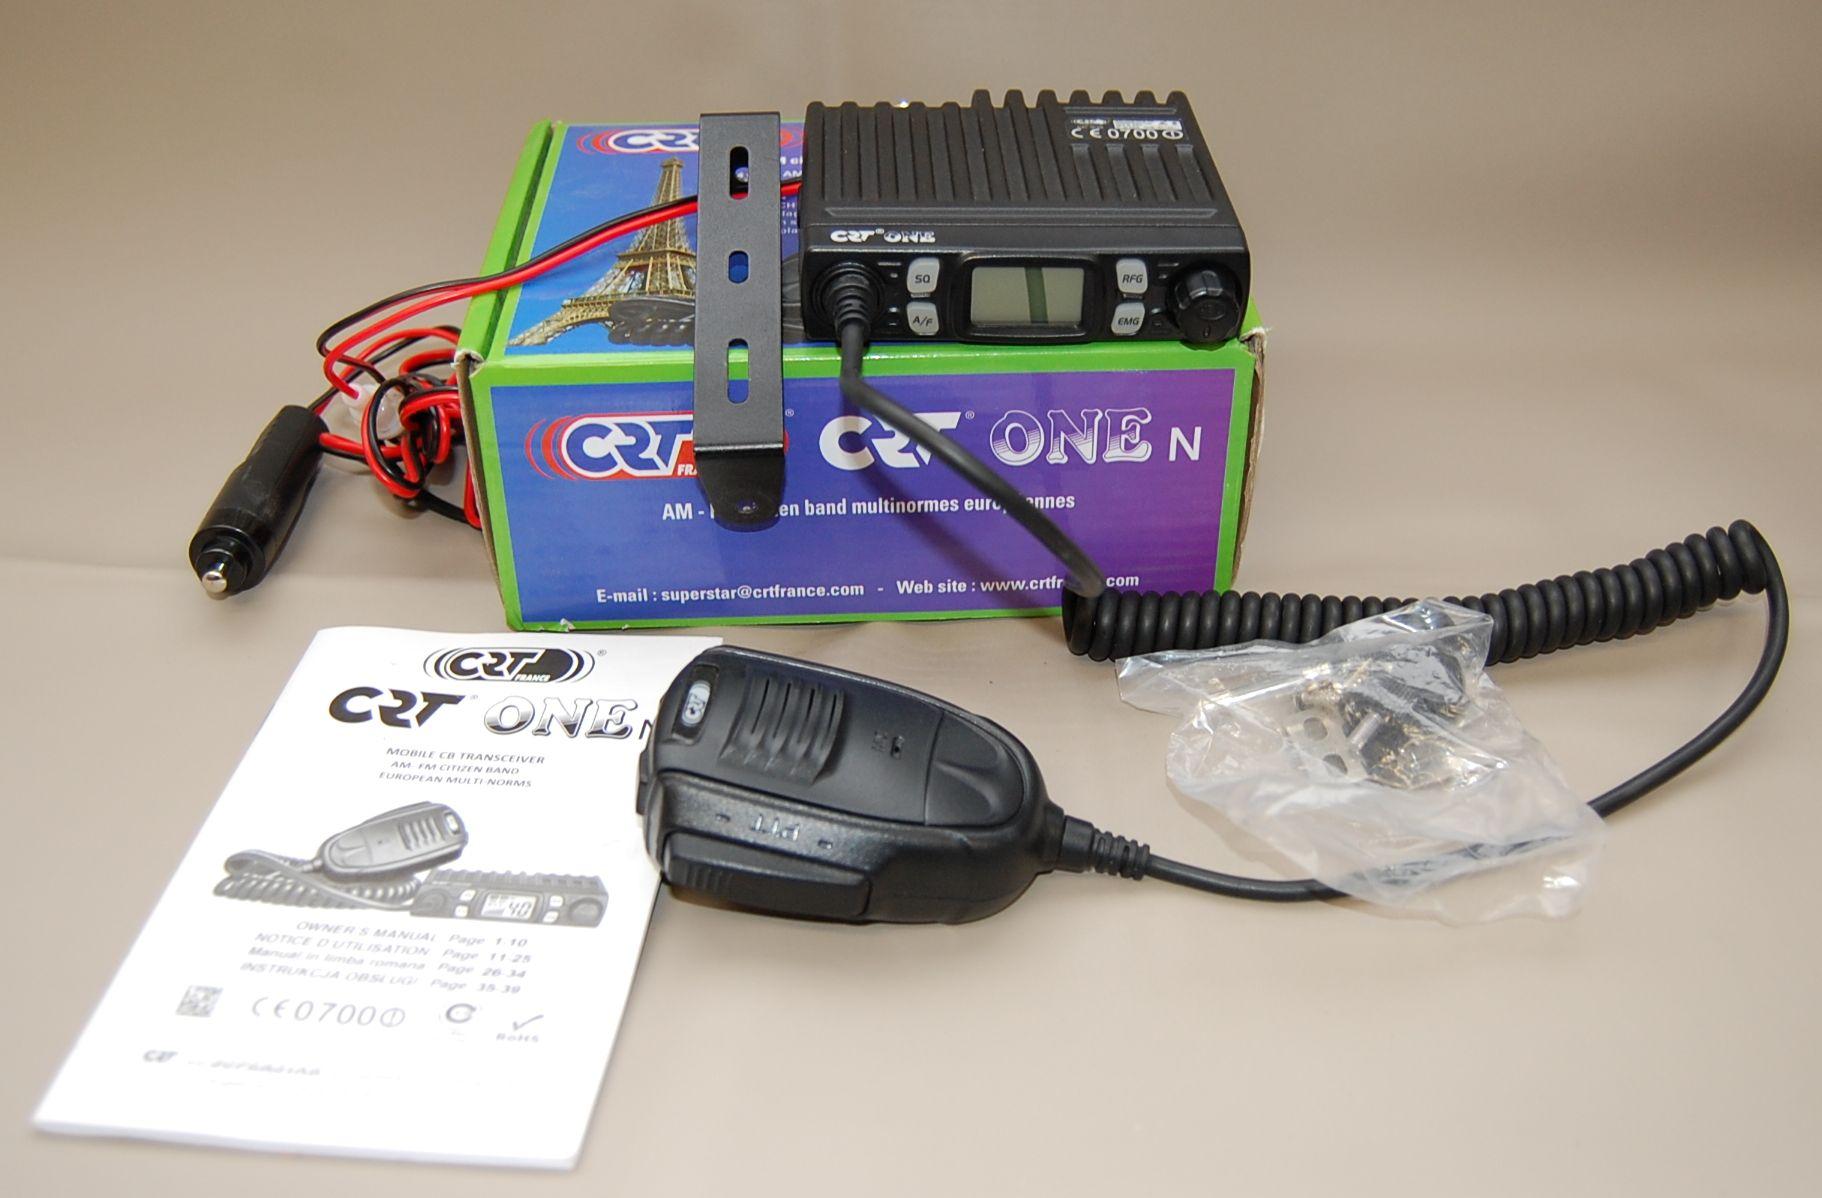 (Vendu) CRT One N 1566082245